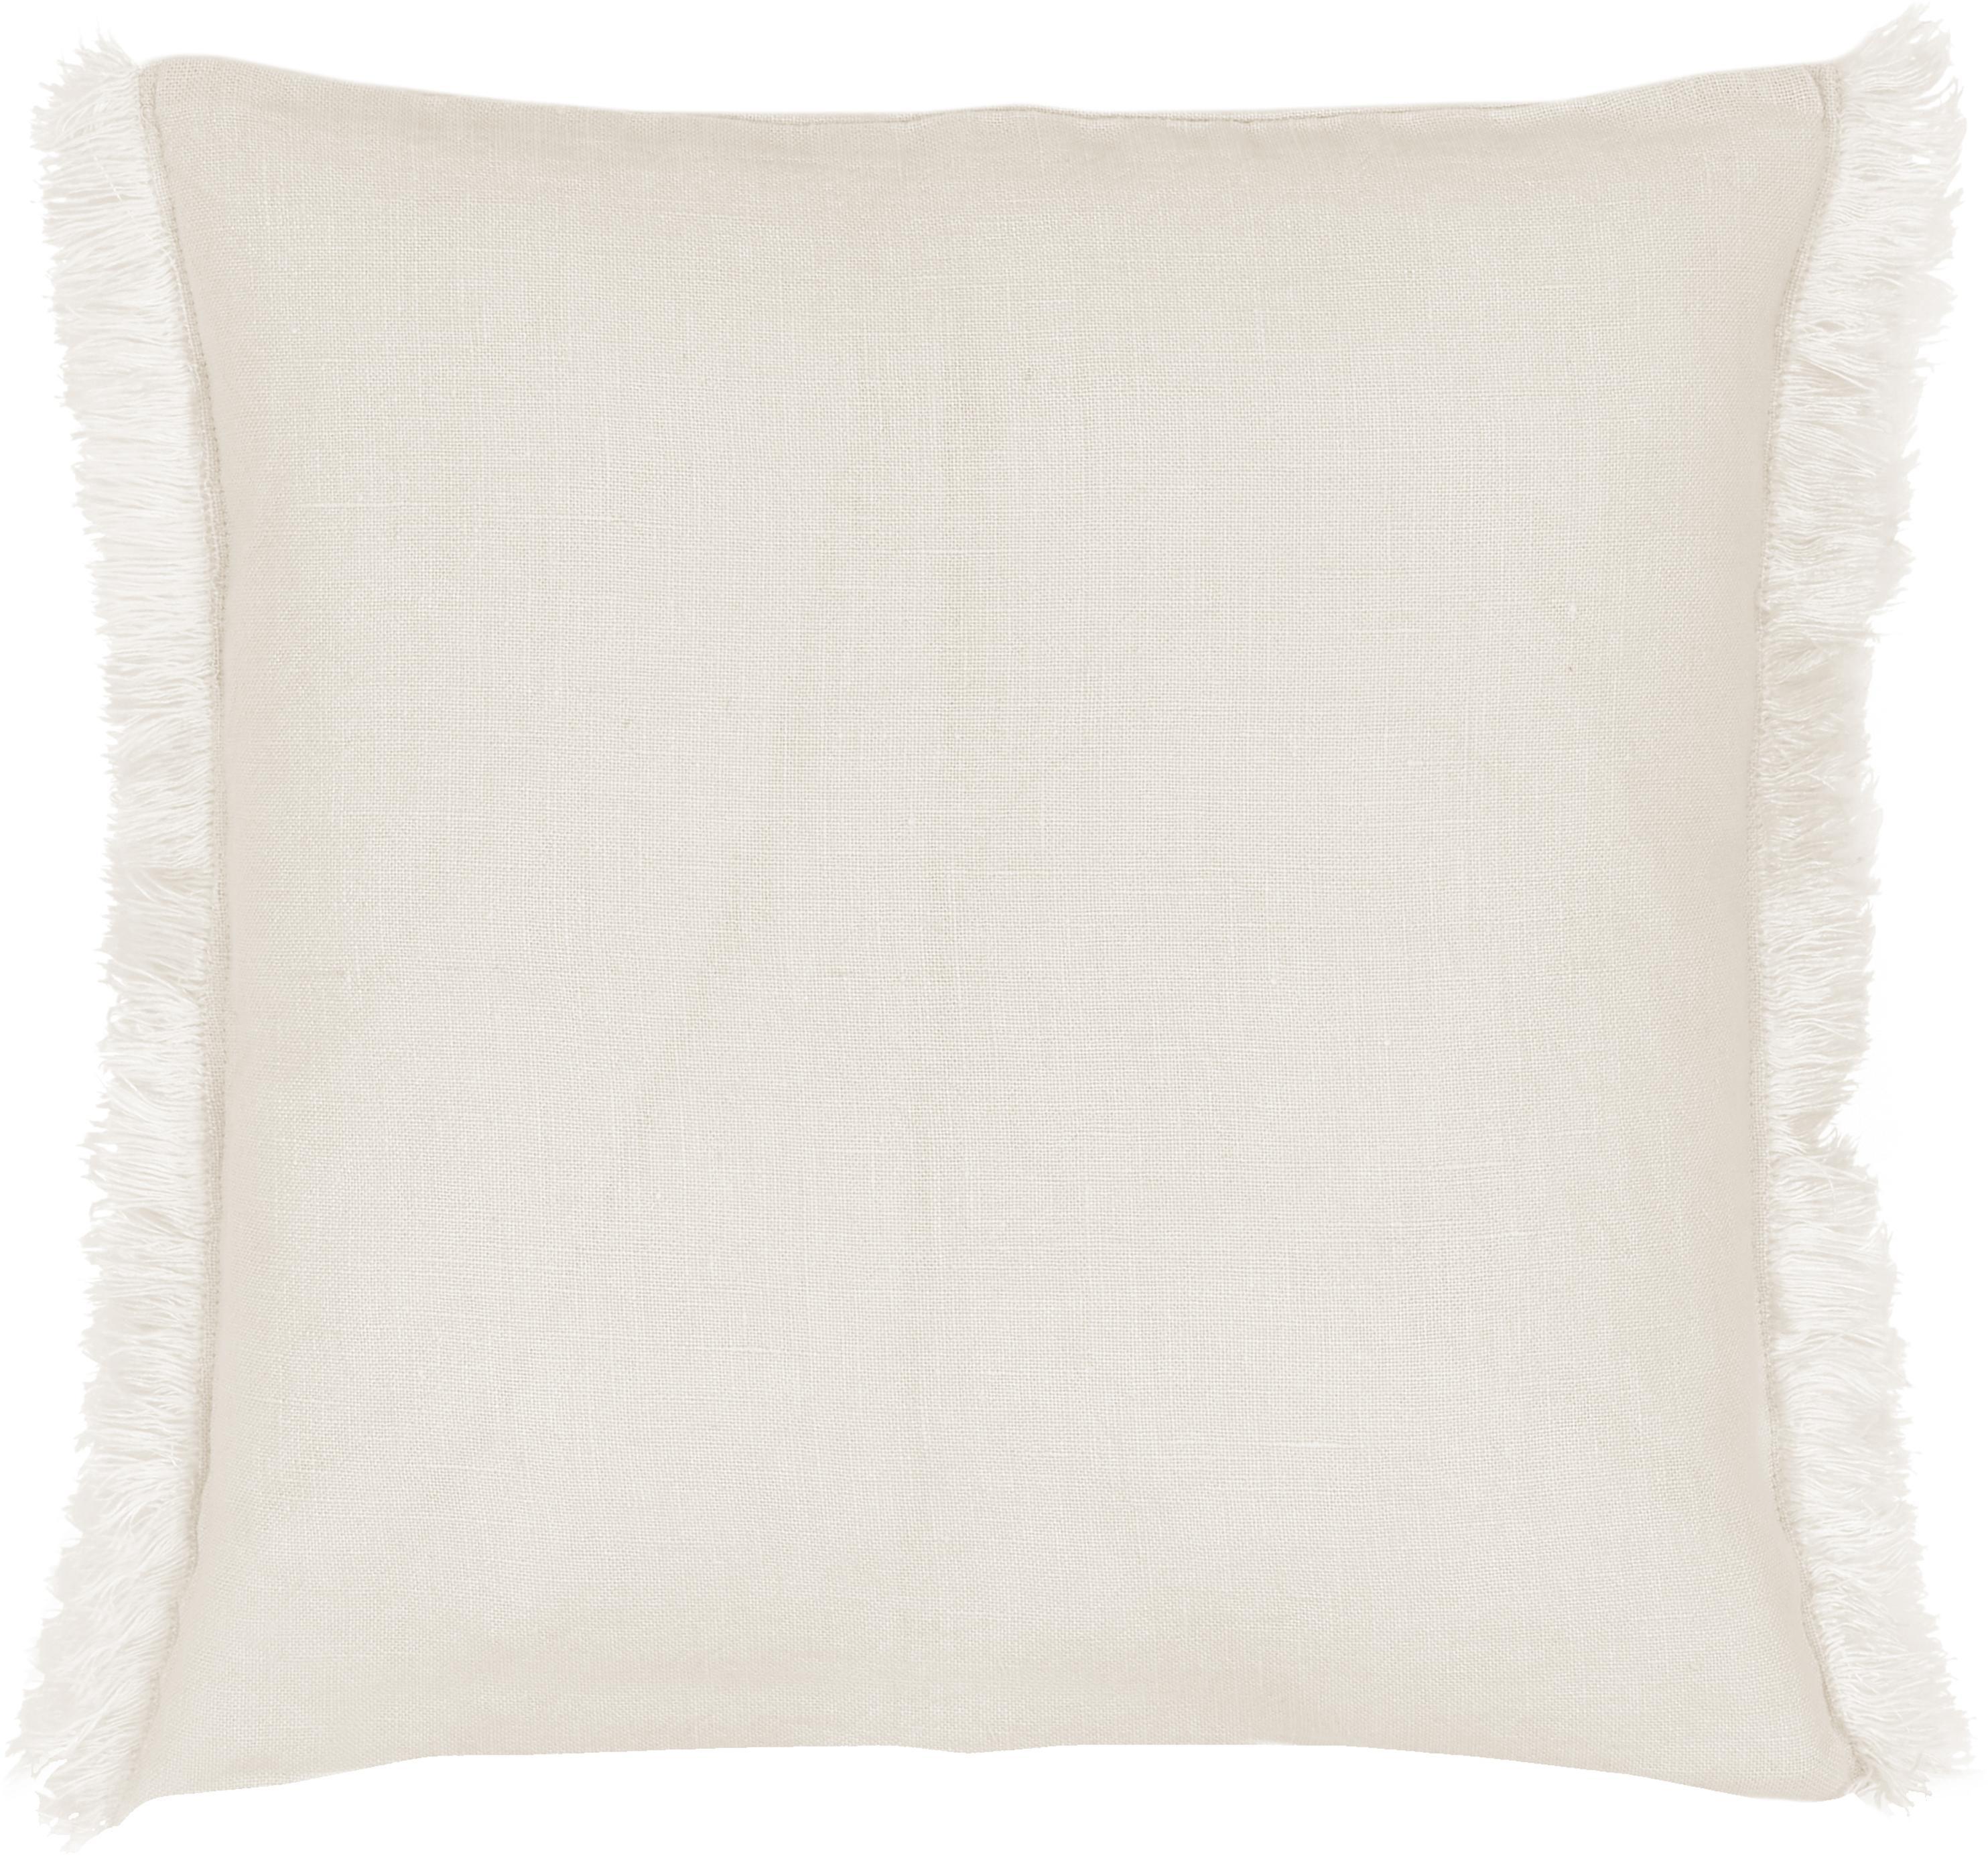 Poszewka na poduszkę z lnu z frędzlami Luana, 100% len, Beżowy, S 40 x D 40 cm